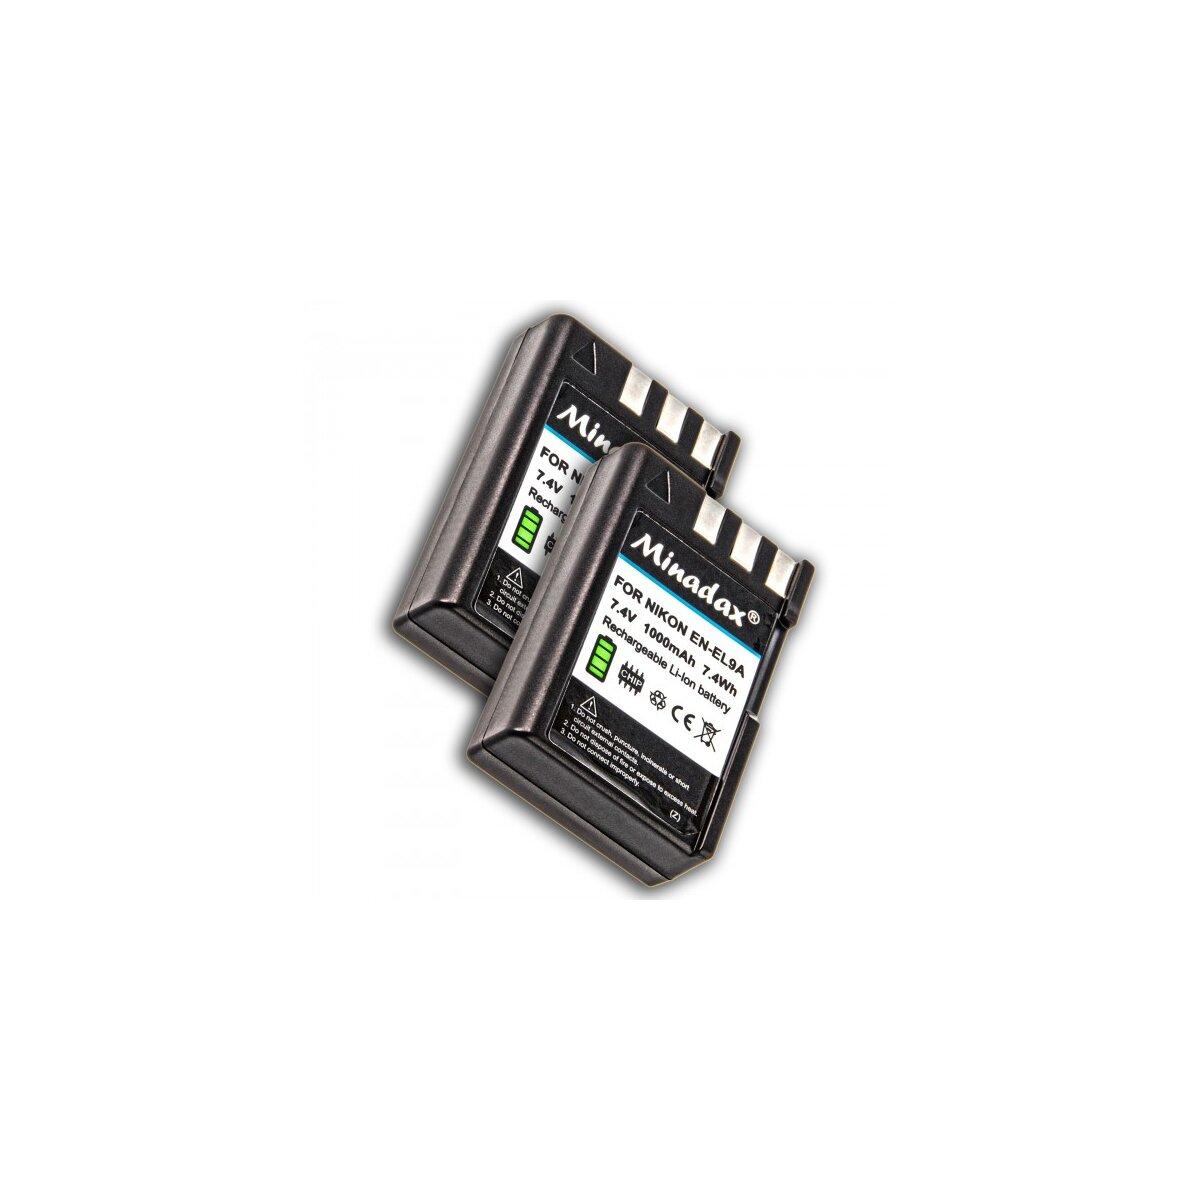 2x Minadax Li-Ion Akkus fuer Nikon D5000, D3000, D60, D40x, D40 - wie der EN-EL9, EN-EL9a